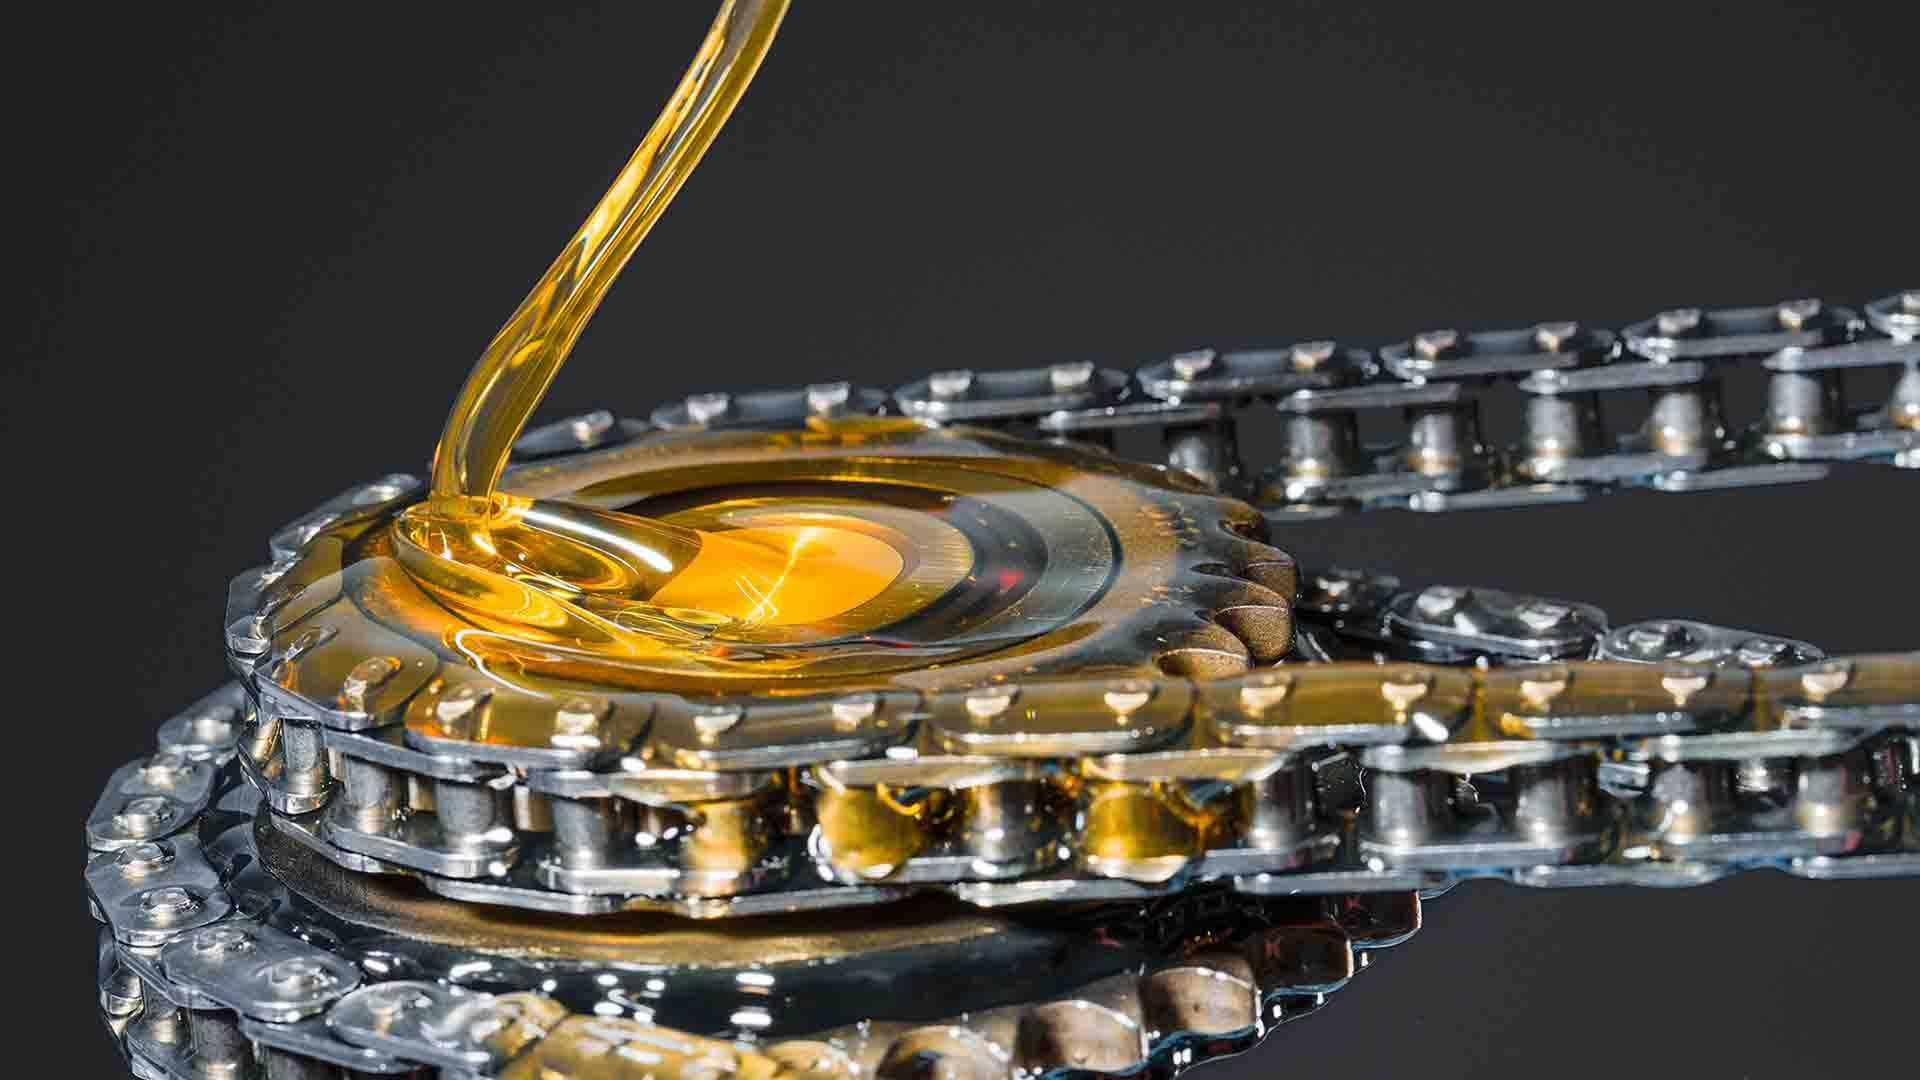 Das Bild zeigt Öl. Es fließt auf eine Motorenkette. Diese Kette liegt auf dem Boden. Sie spiegelt sich im Boden wieder. Der Hintergrund dahinter ist schwarz. Das Bild dient als Sliderbild für den Portfolioeintrag BMW / MINI Engine Oil Highspeed von Panda Pictures.